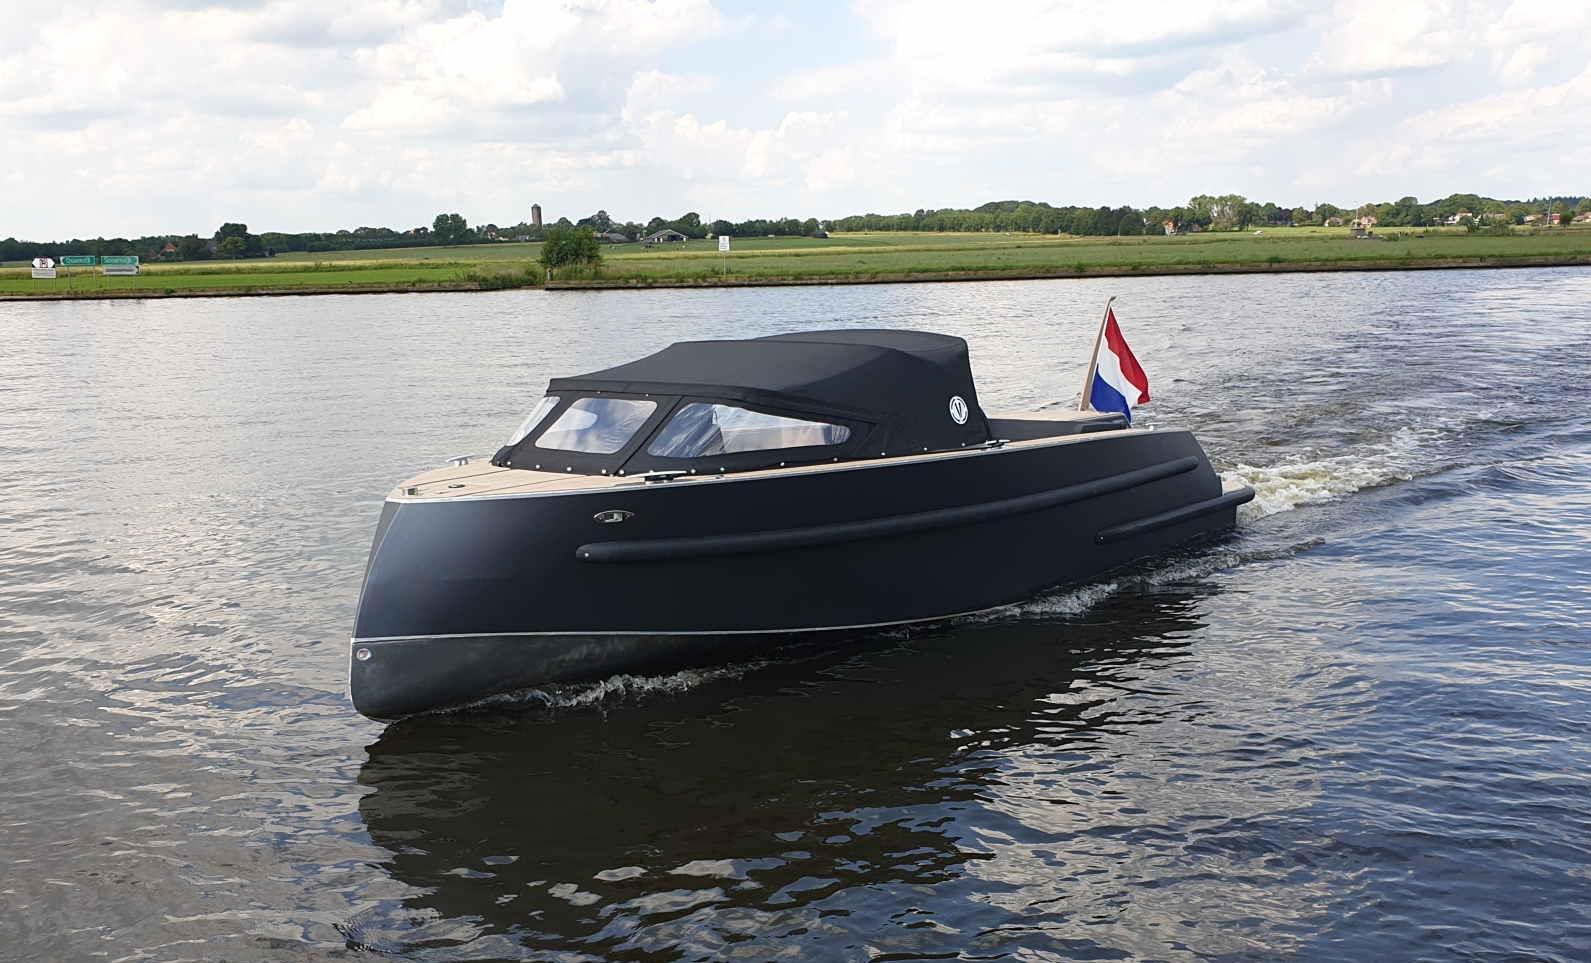 VanVossen Tender 777 Sport